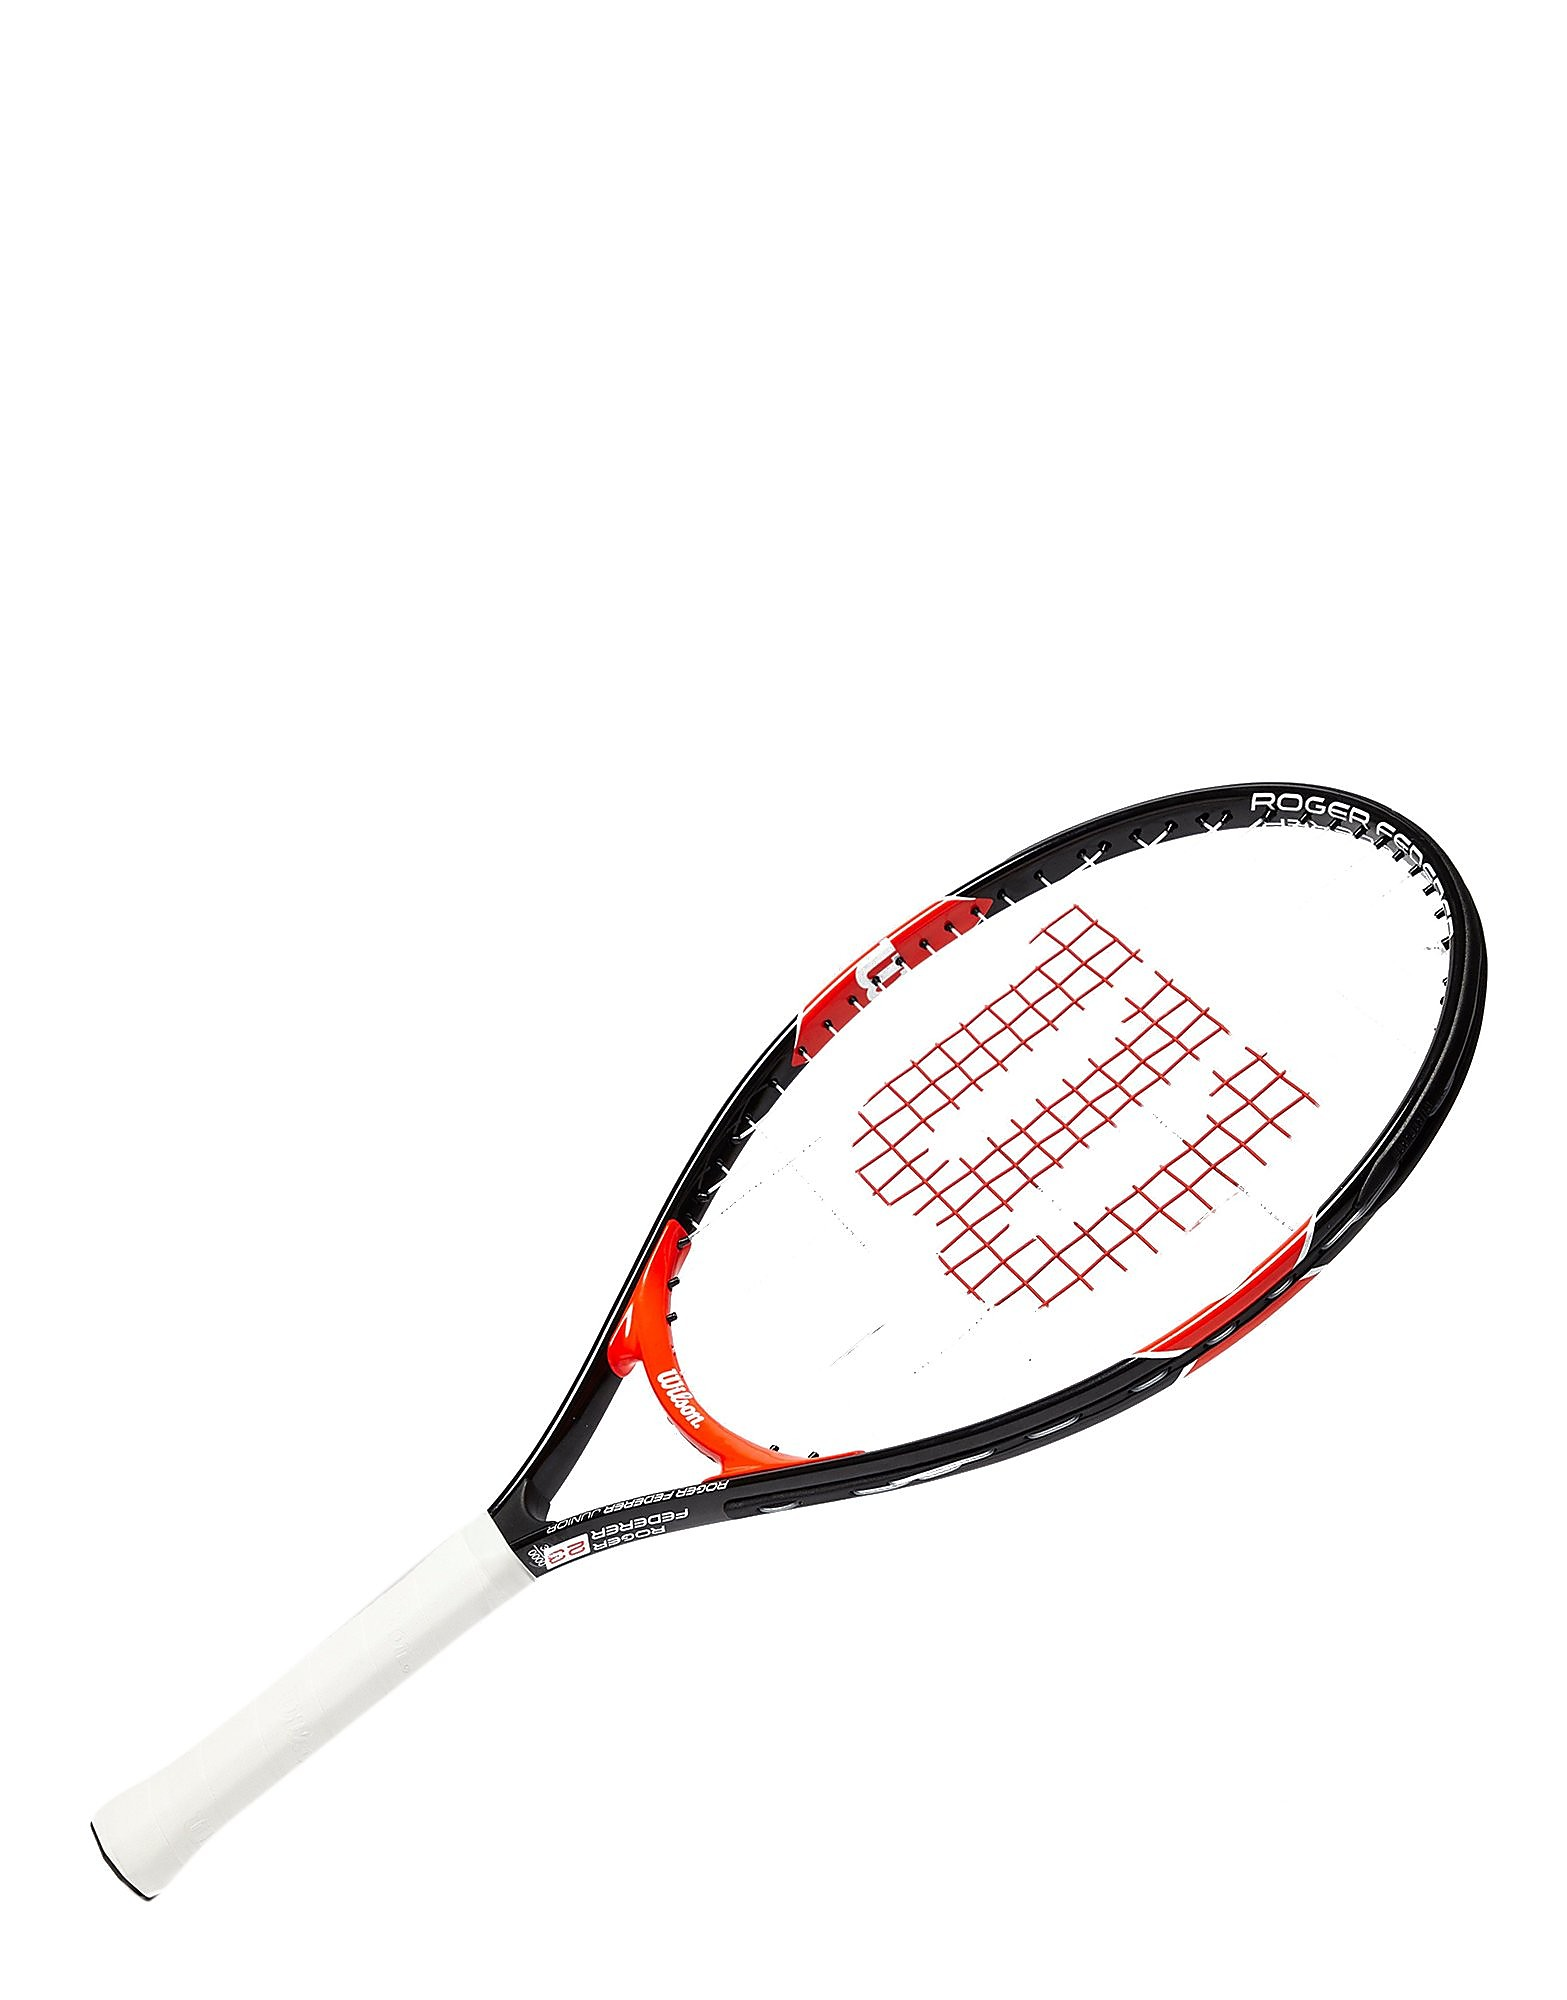 Wilson Roger Federer 23 Junior Tennis Racket